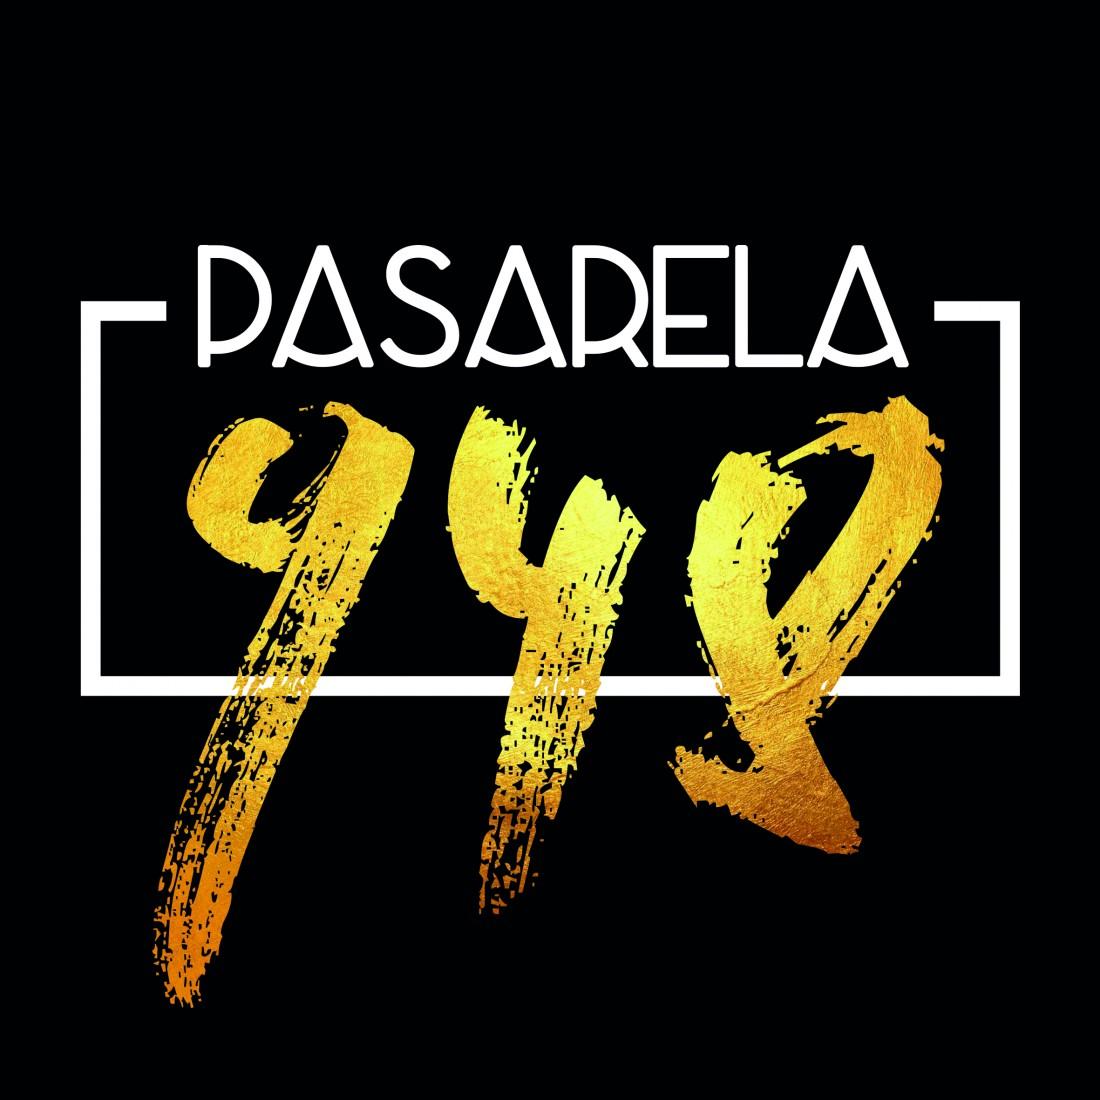 pasarela 948